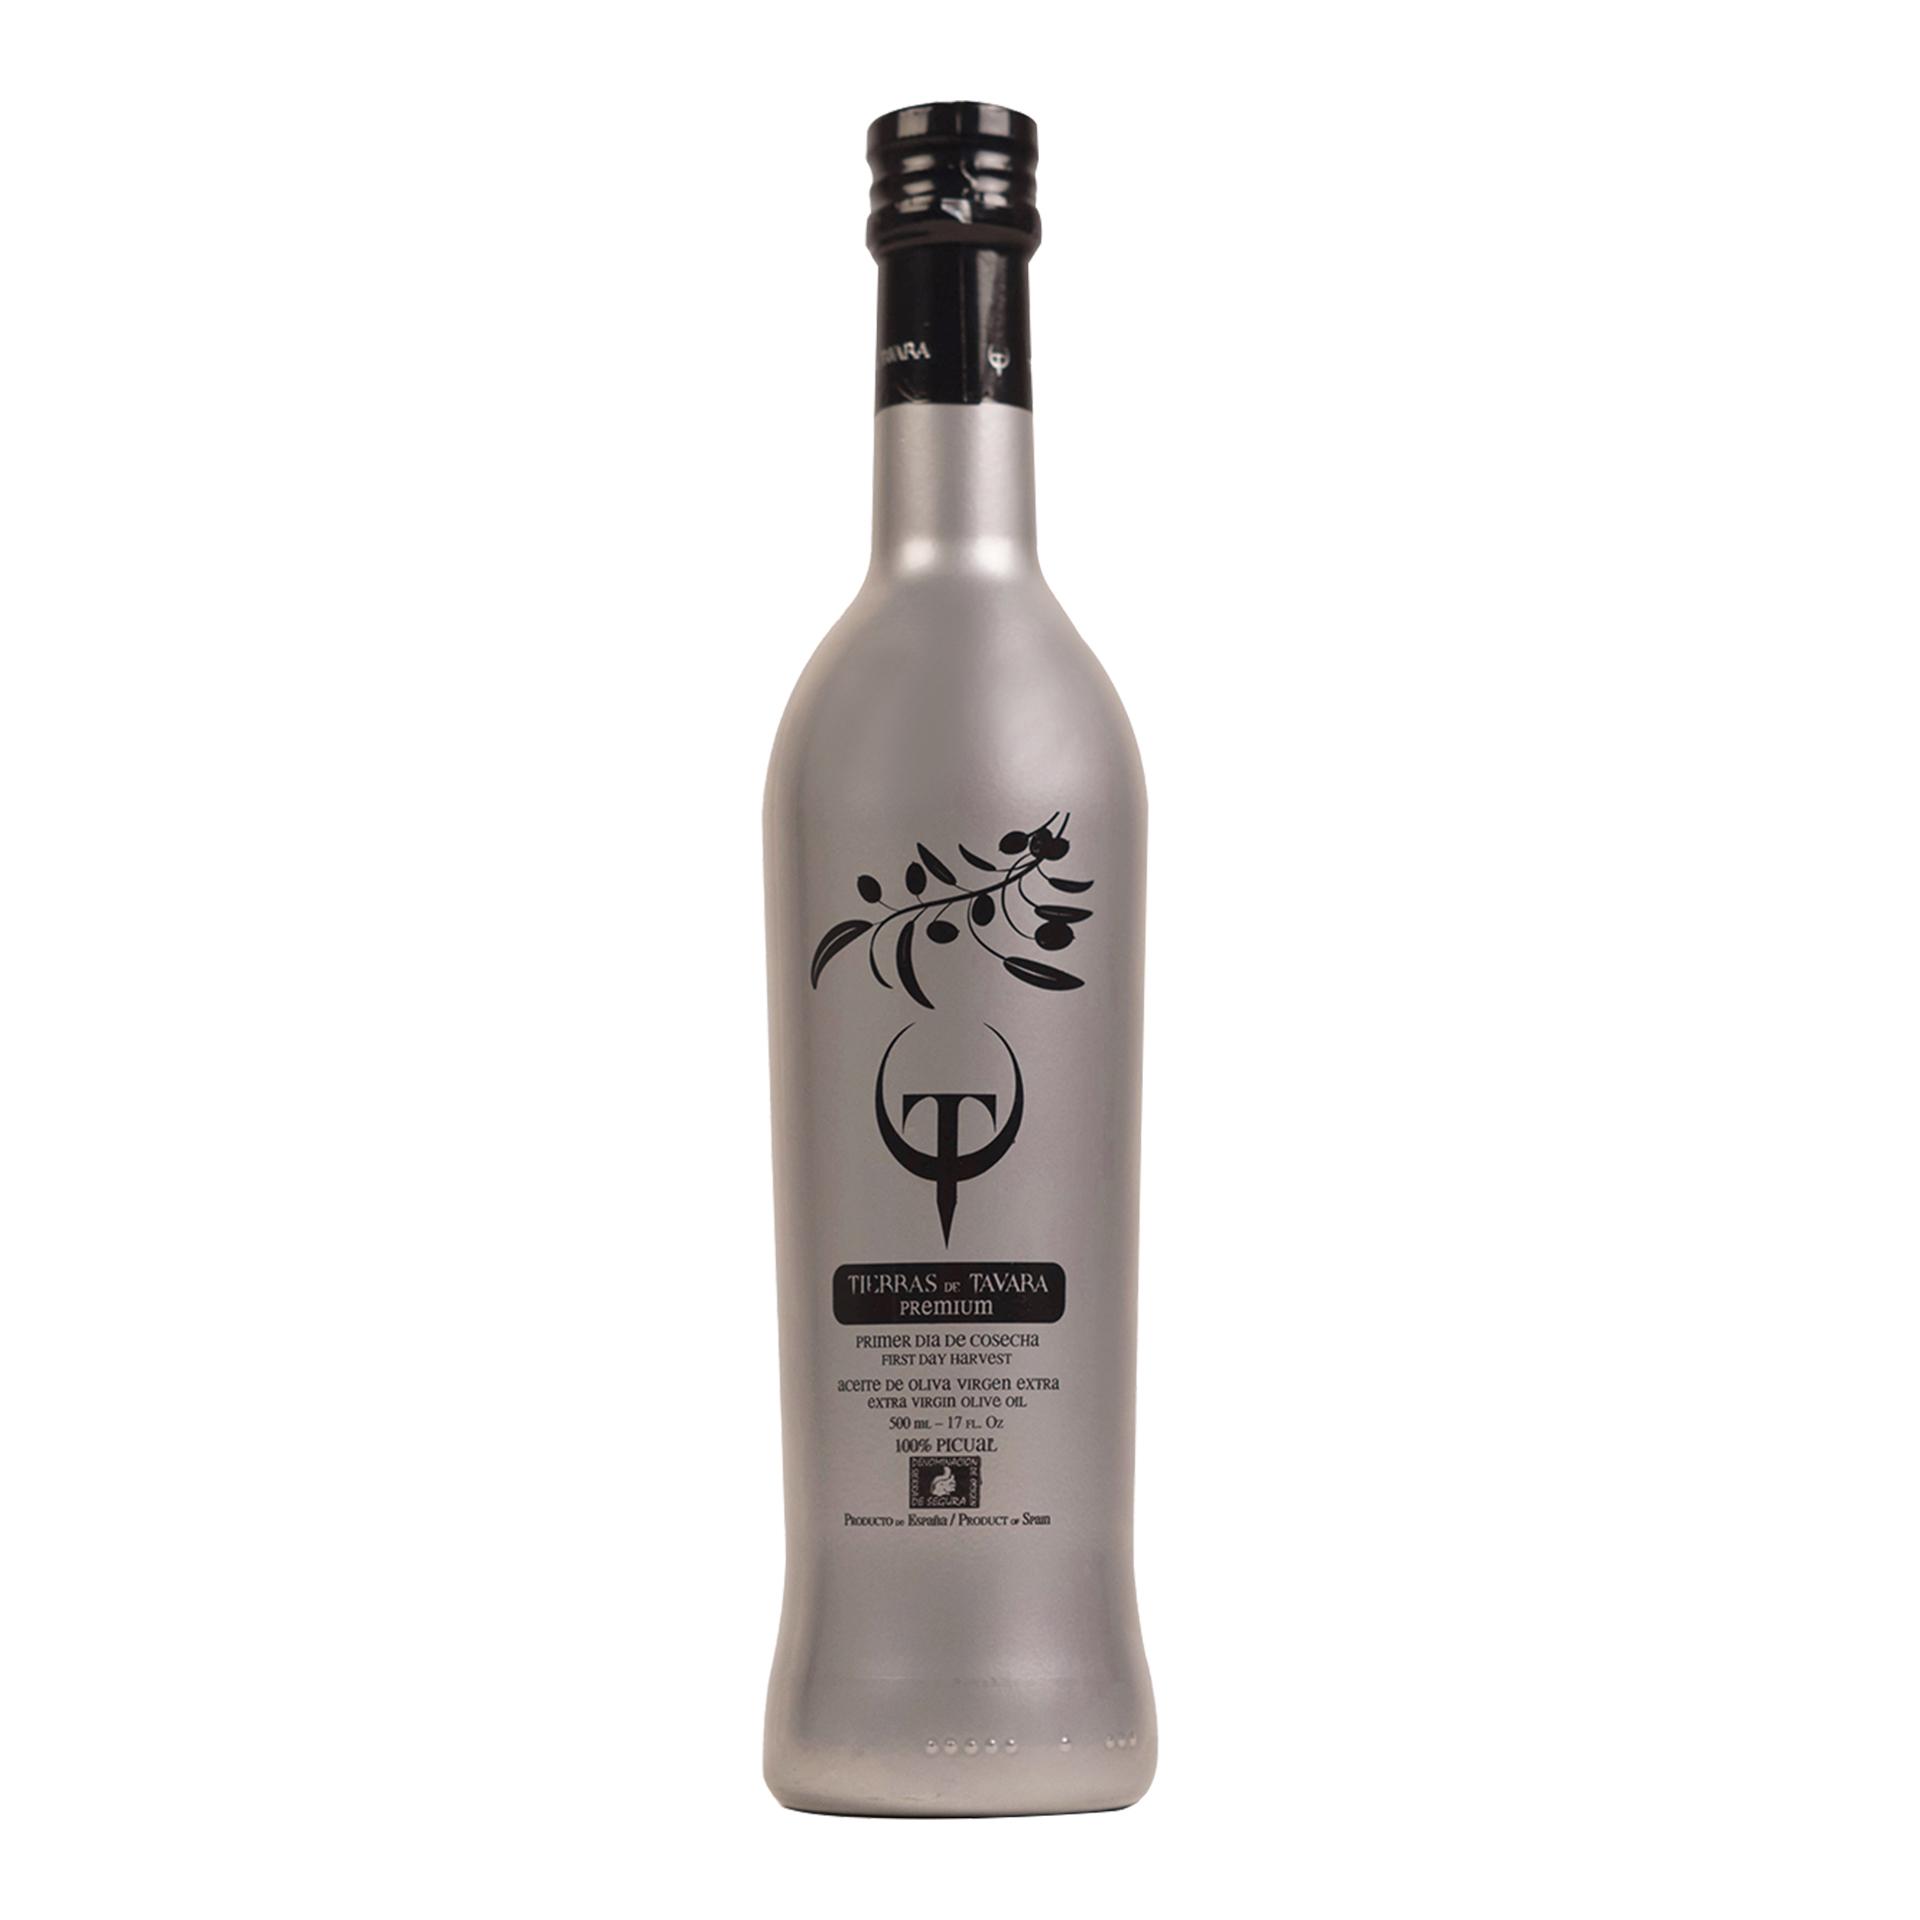 【瓶蓋滲漏】T&T(TIERRAS DE TAVARA)特級初榨橄欖油500ml